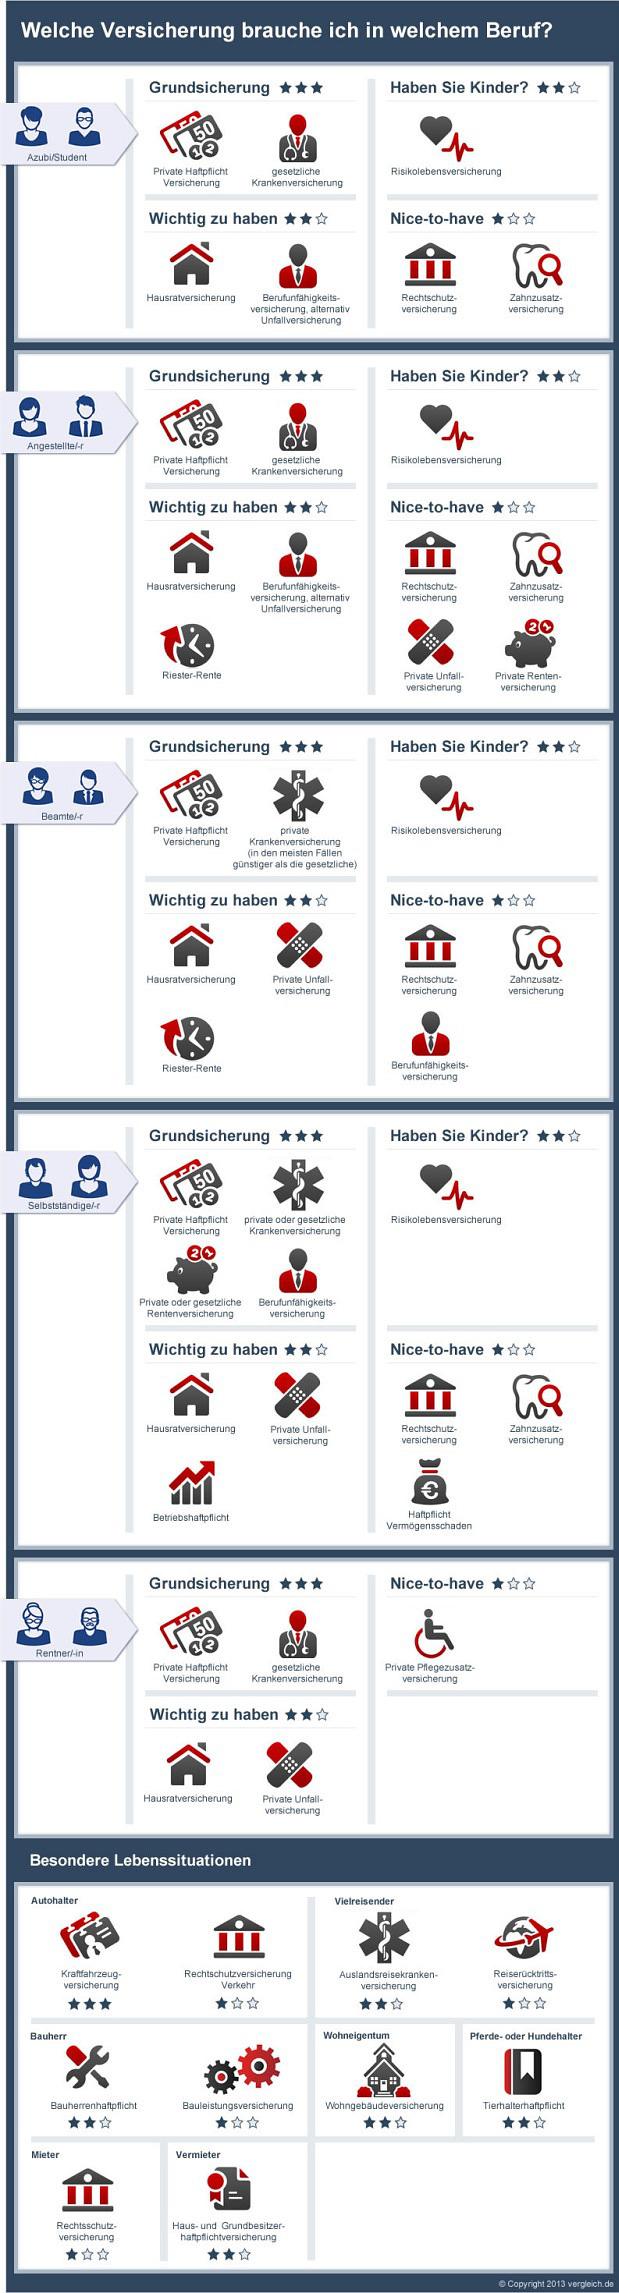 infografik der woche welche versicherung brauche ich in welchem beruf pfefferminzia das. Black Bedroom Furniture Sets. Home Design Ideas